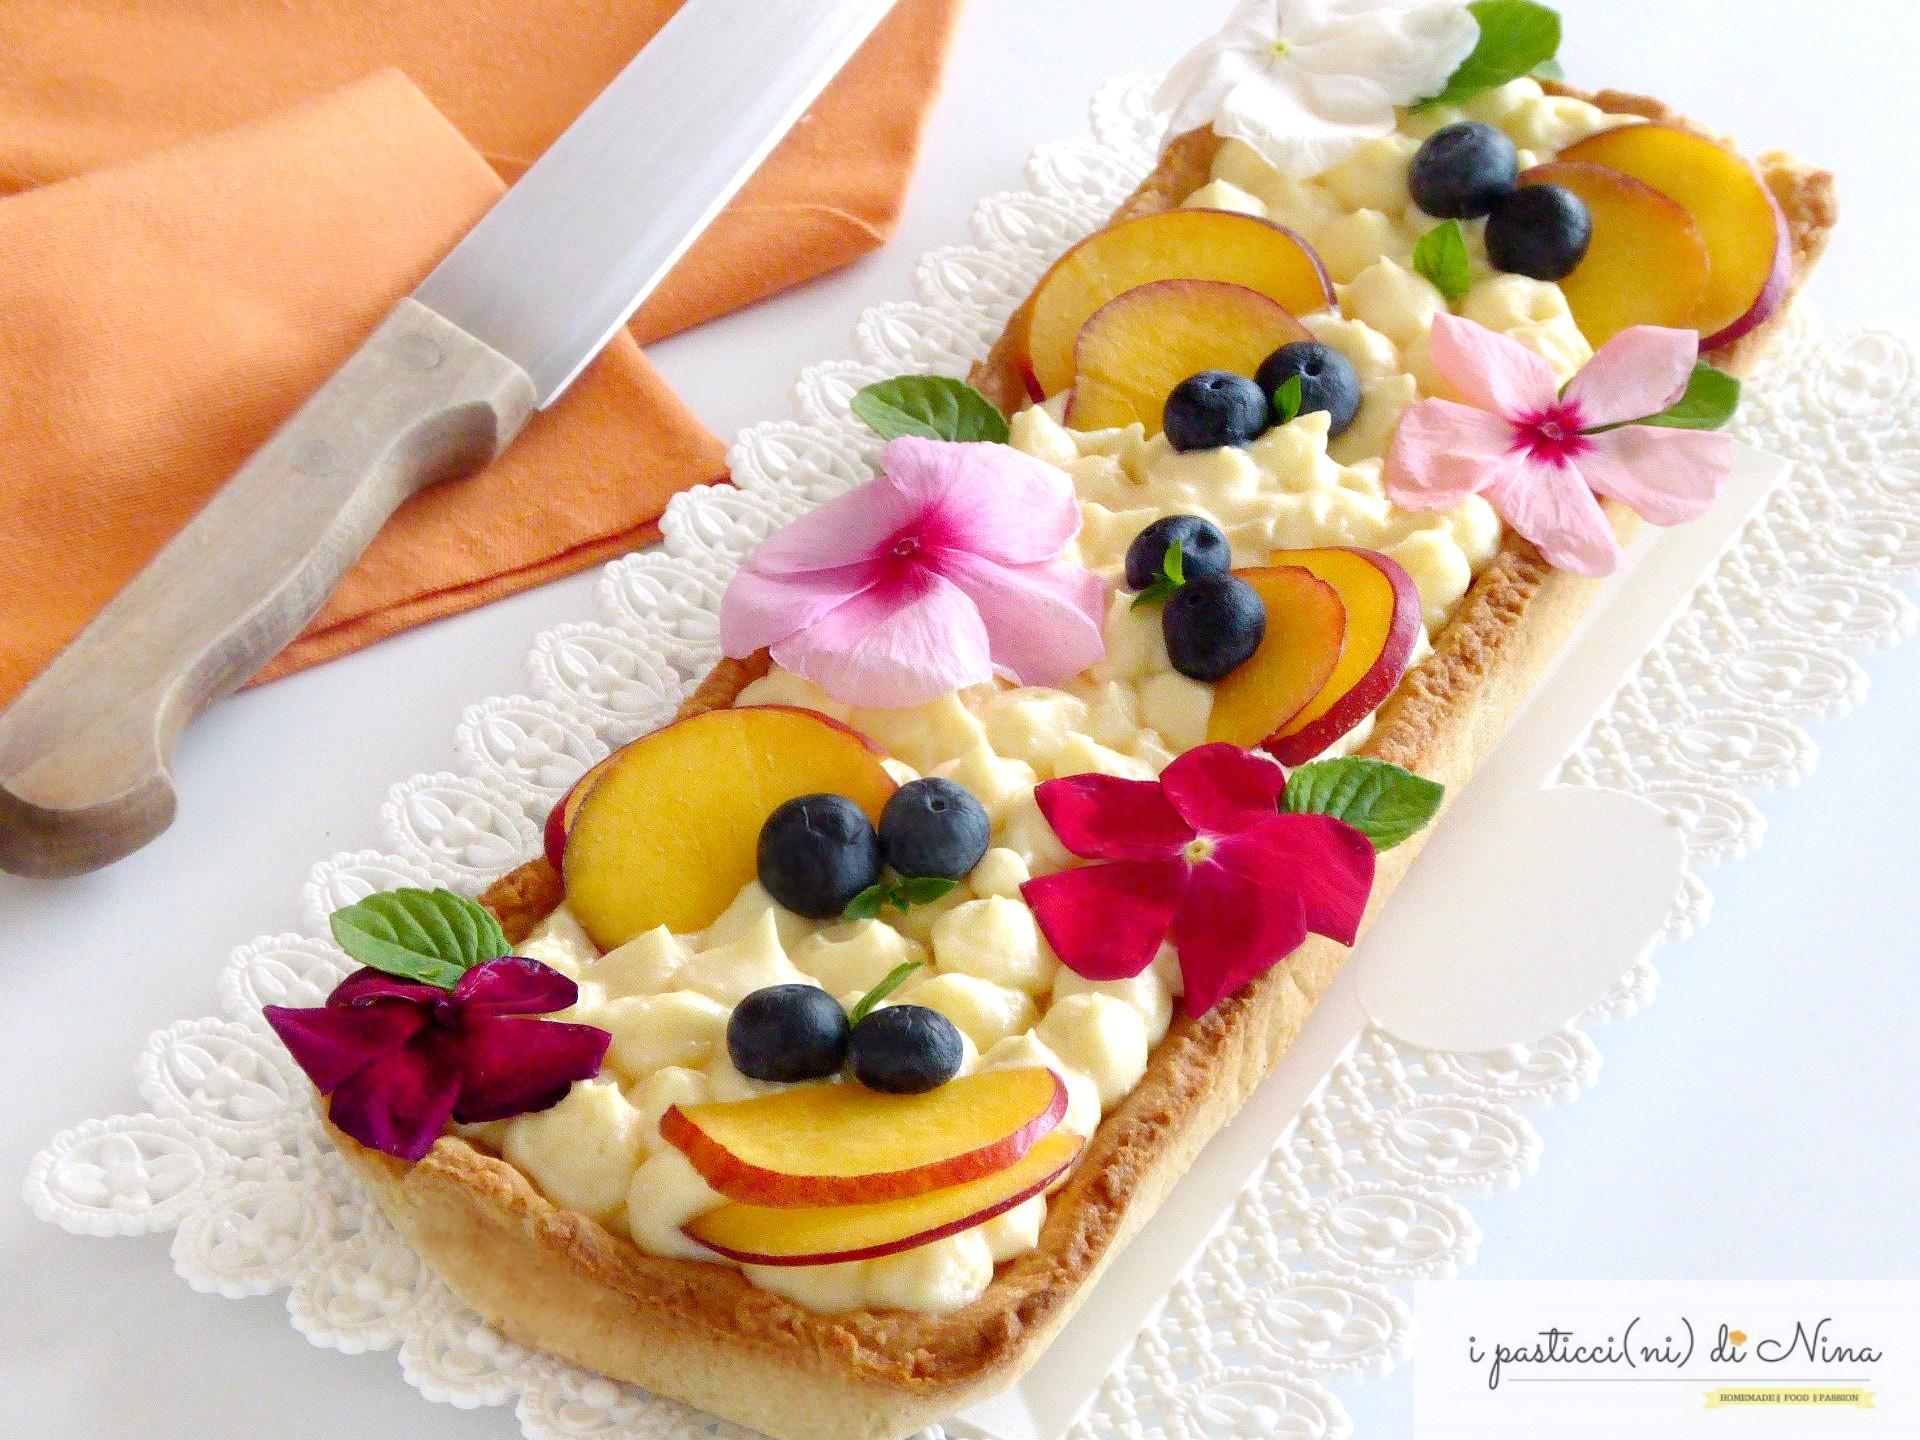 Crostata con crema al mascarpone e frutta fresca